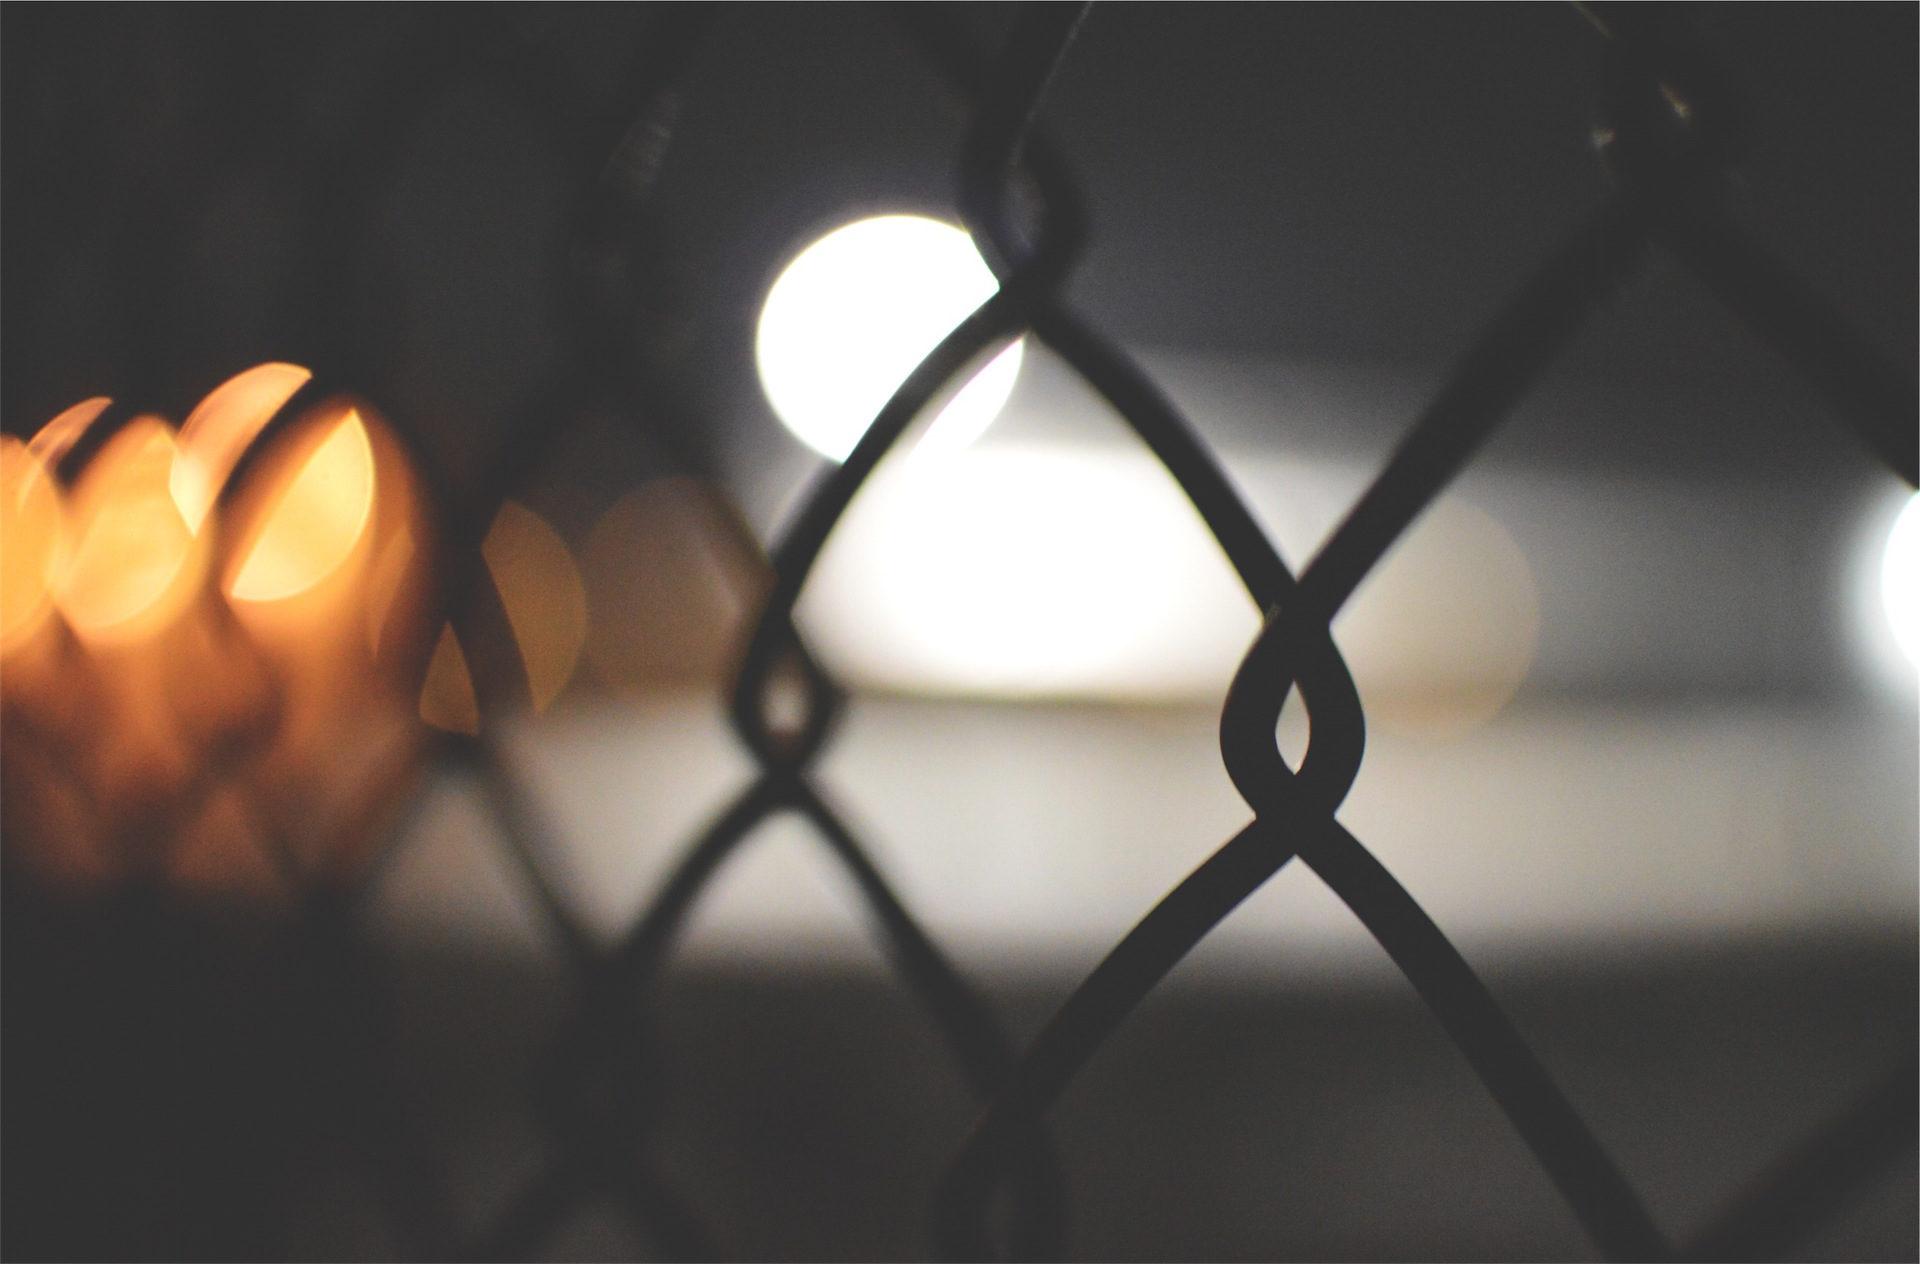 cerca, Com fio, metal, luzes, Borrão - Papéis de parede HD - Professor-falken.com